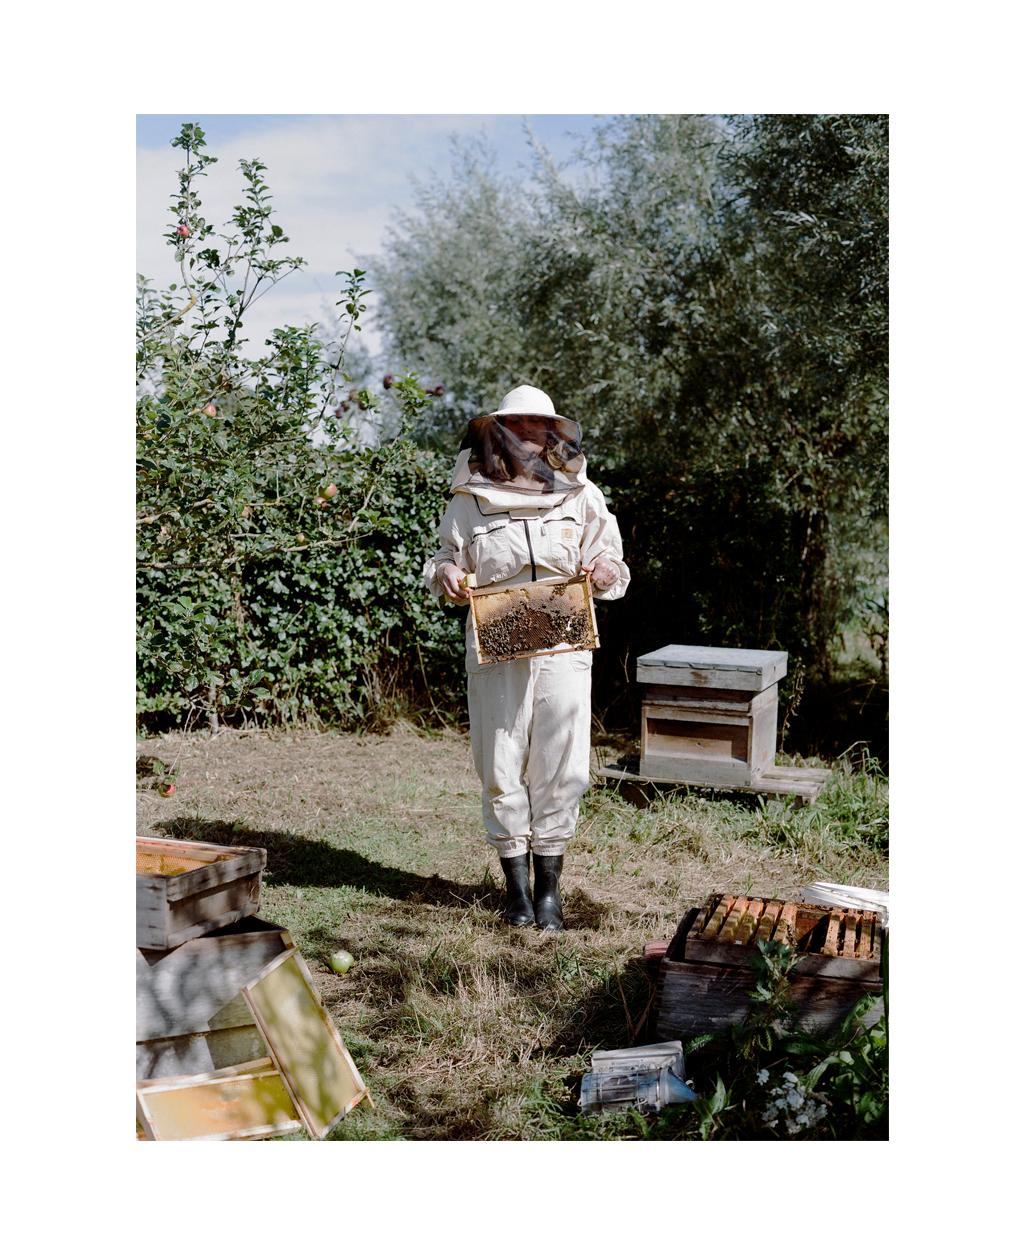 Beekeeper, Cotswolds, UK.